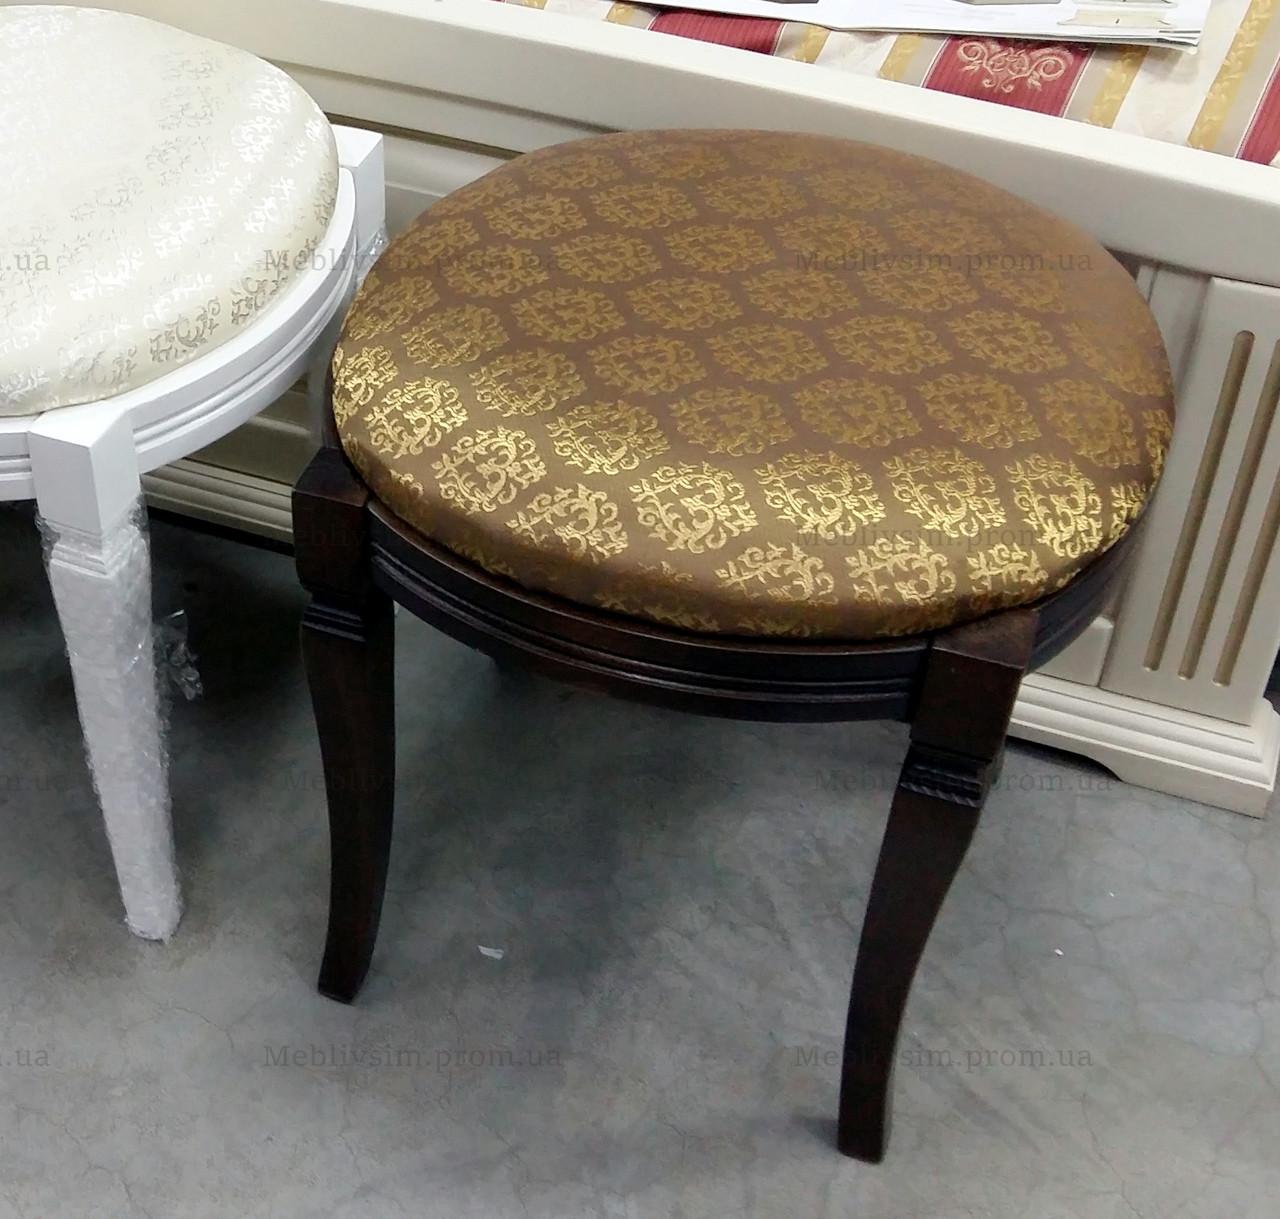 Банкетка круглая Микс мебель, цвет темный орех / махонь